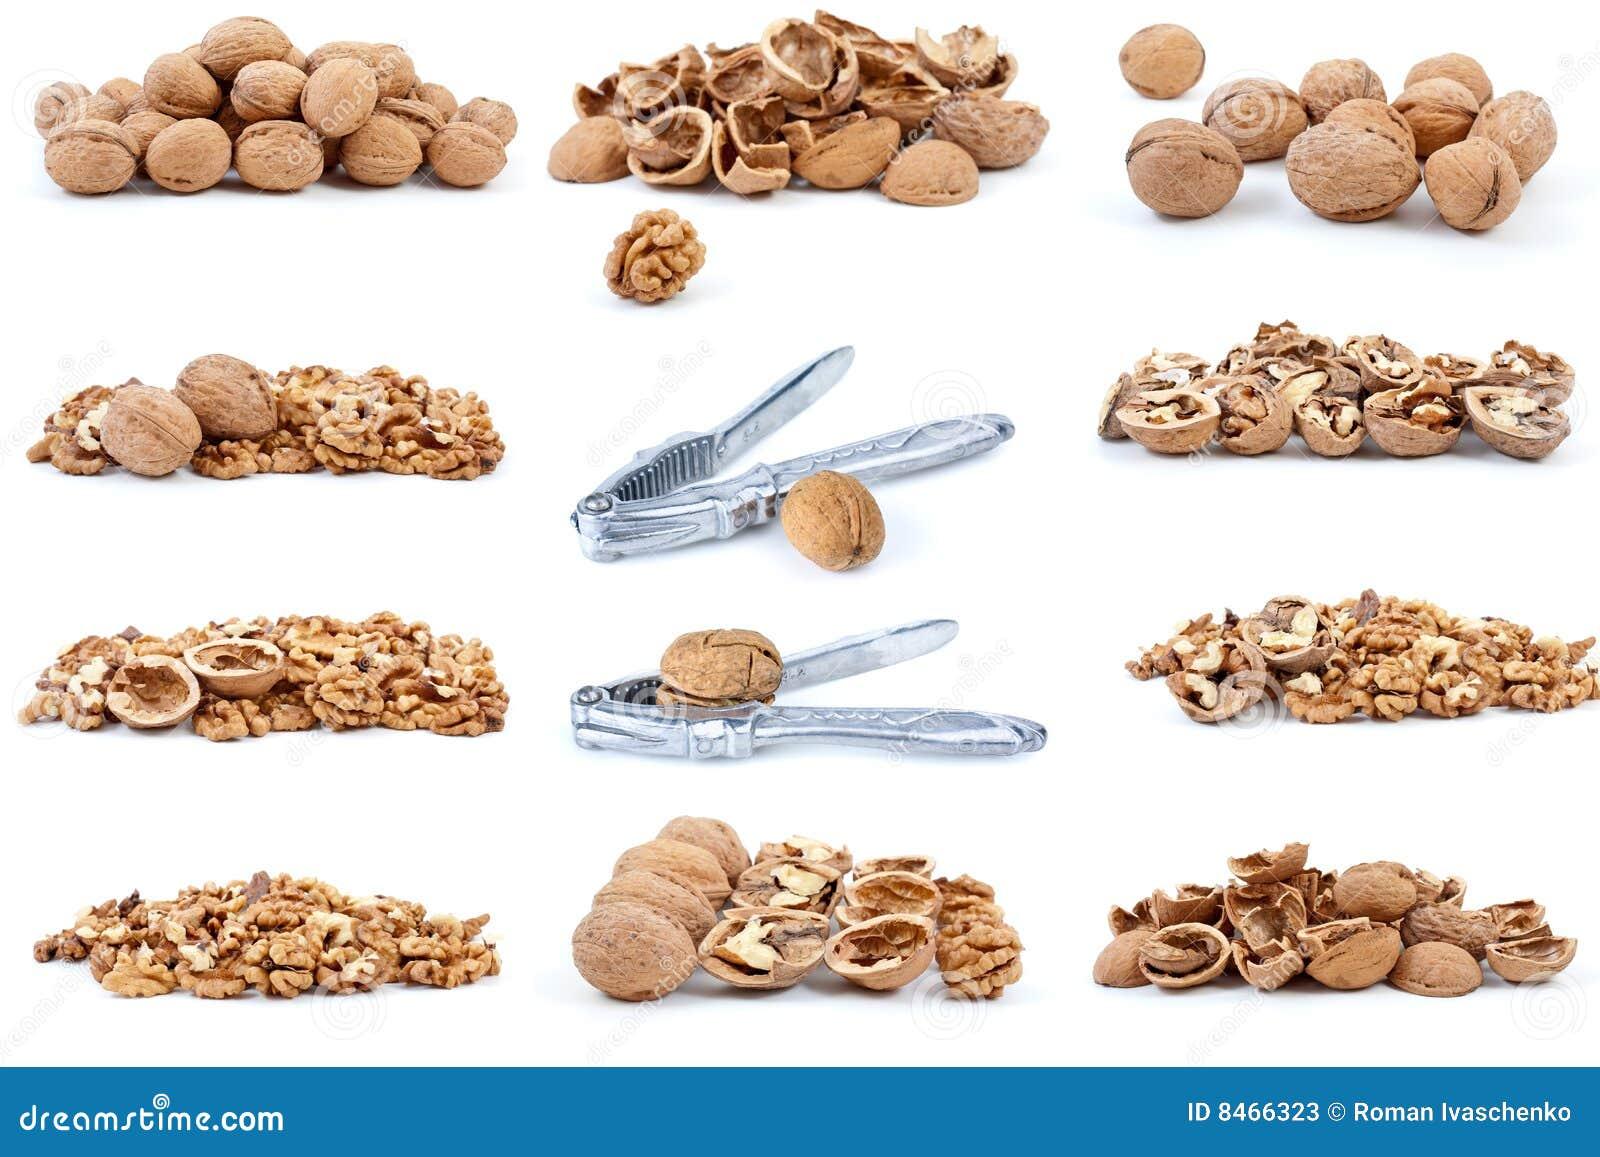 Ställ in valnötter